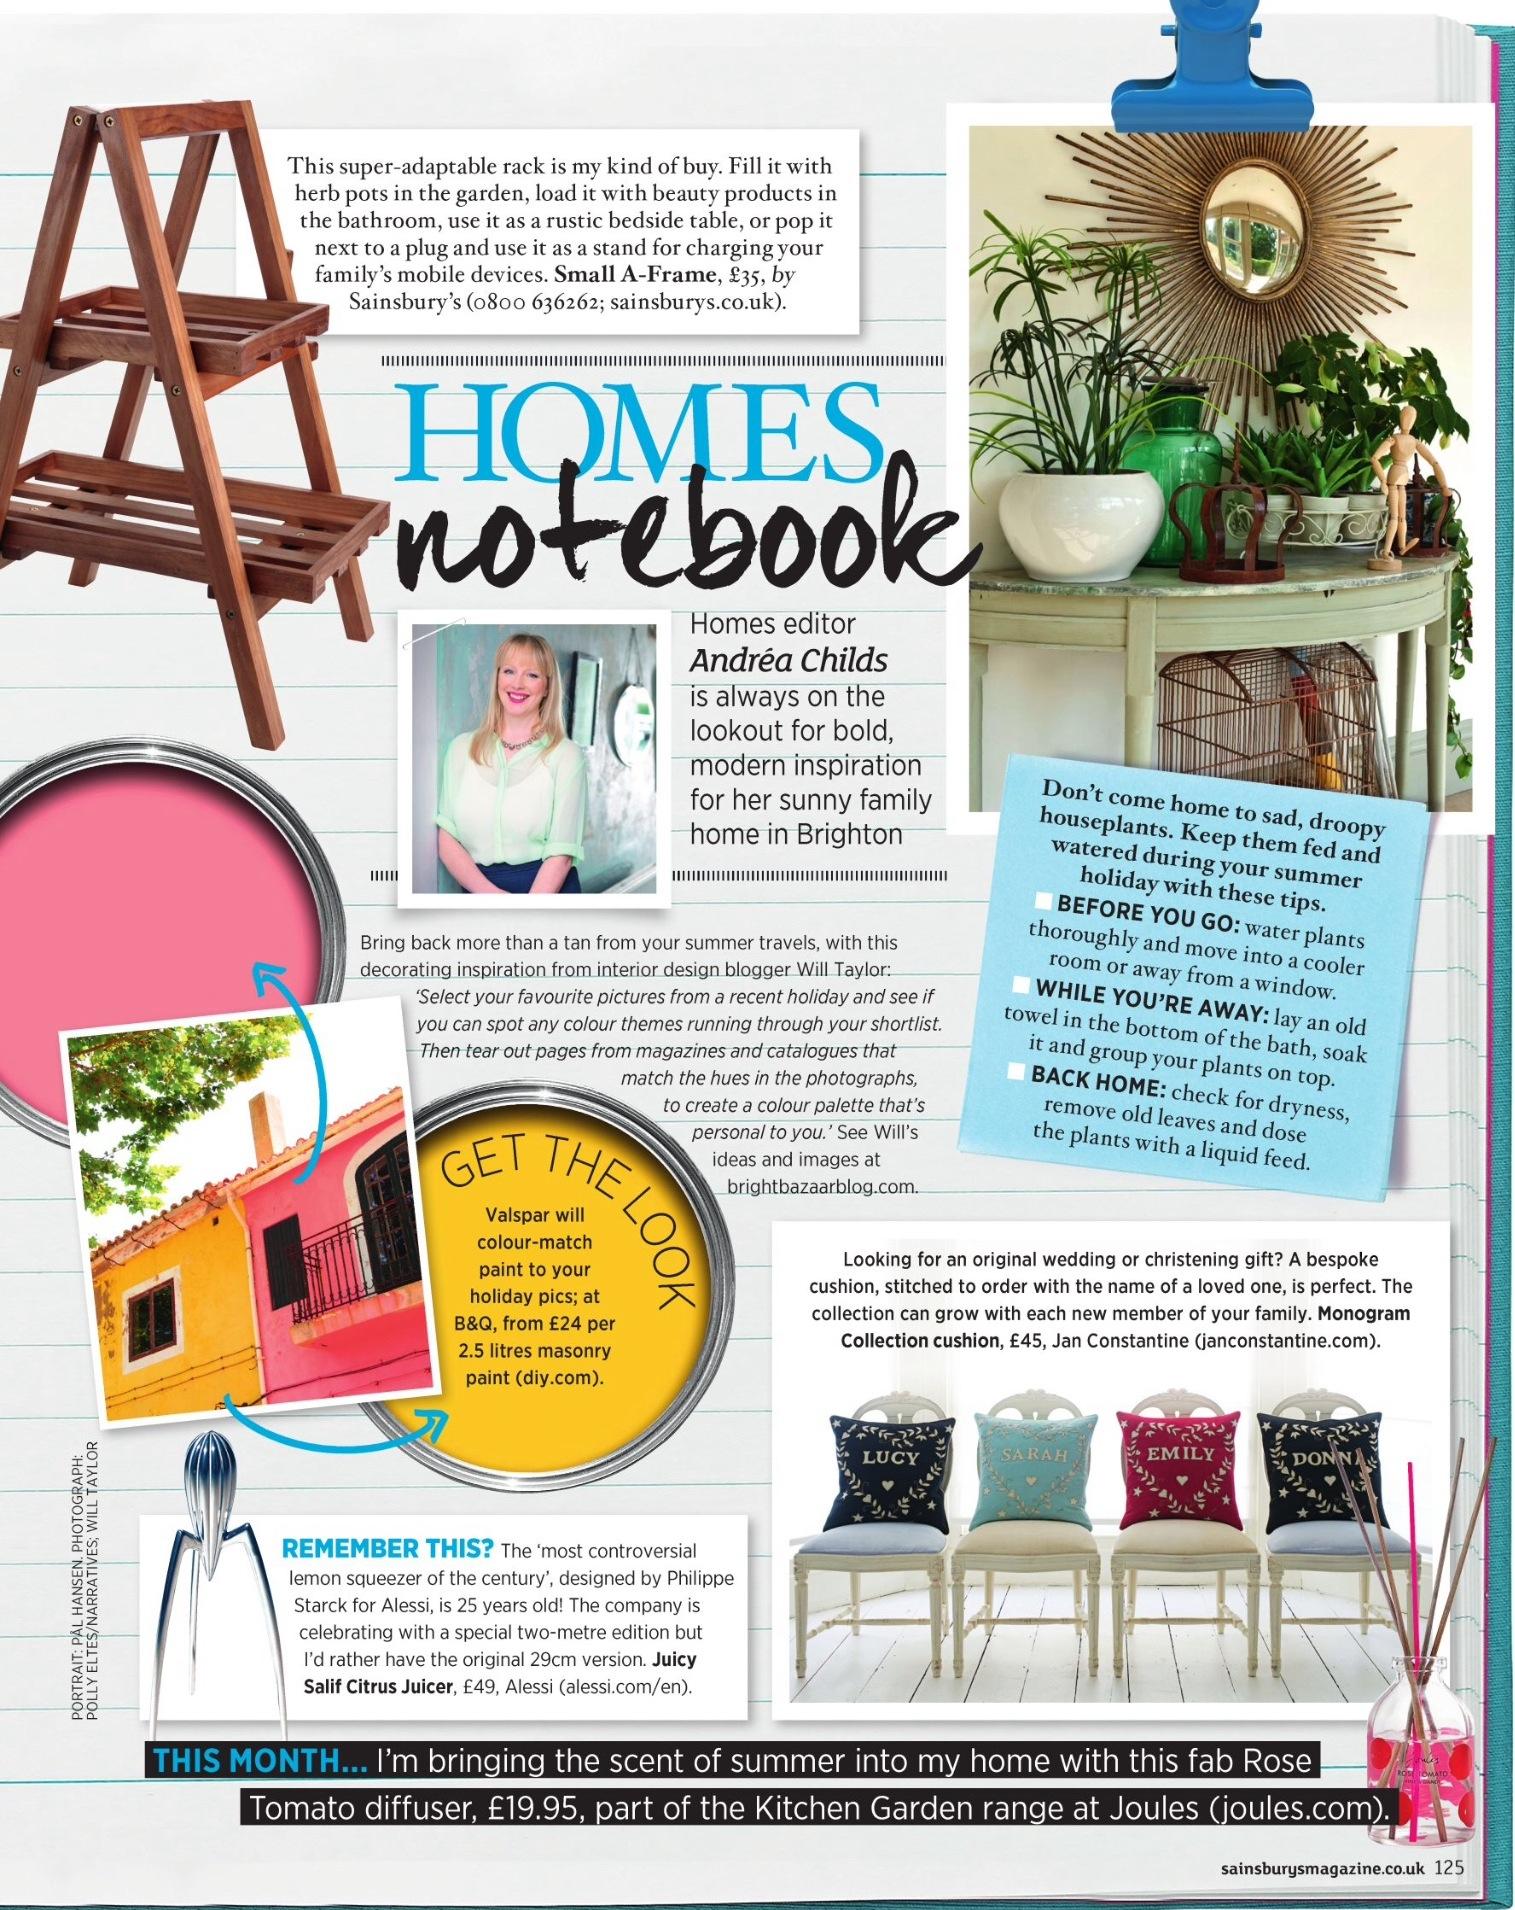 sainsbury-s-magazine-july-2015.jpeg